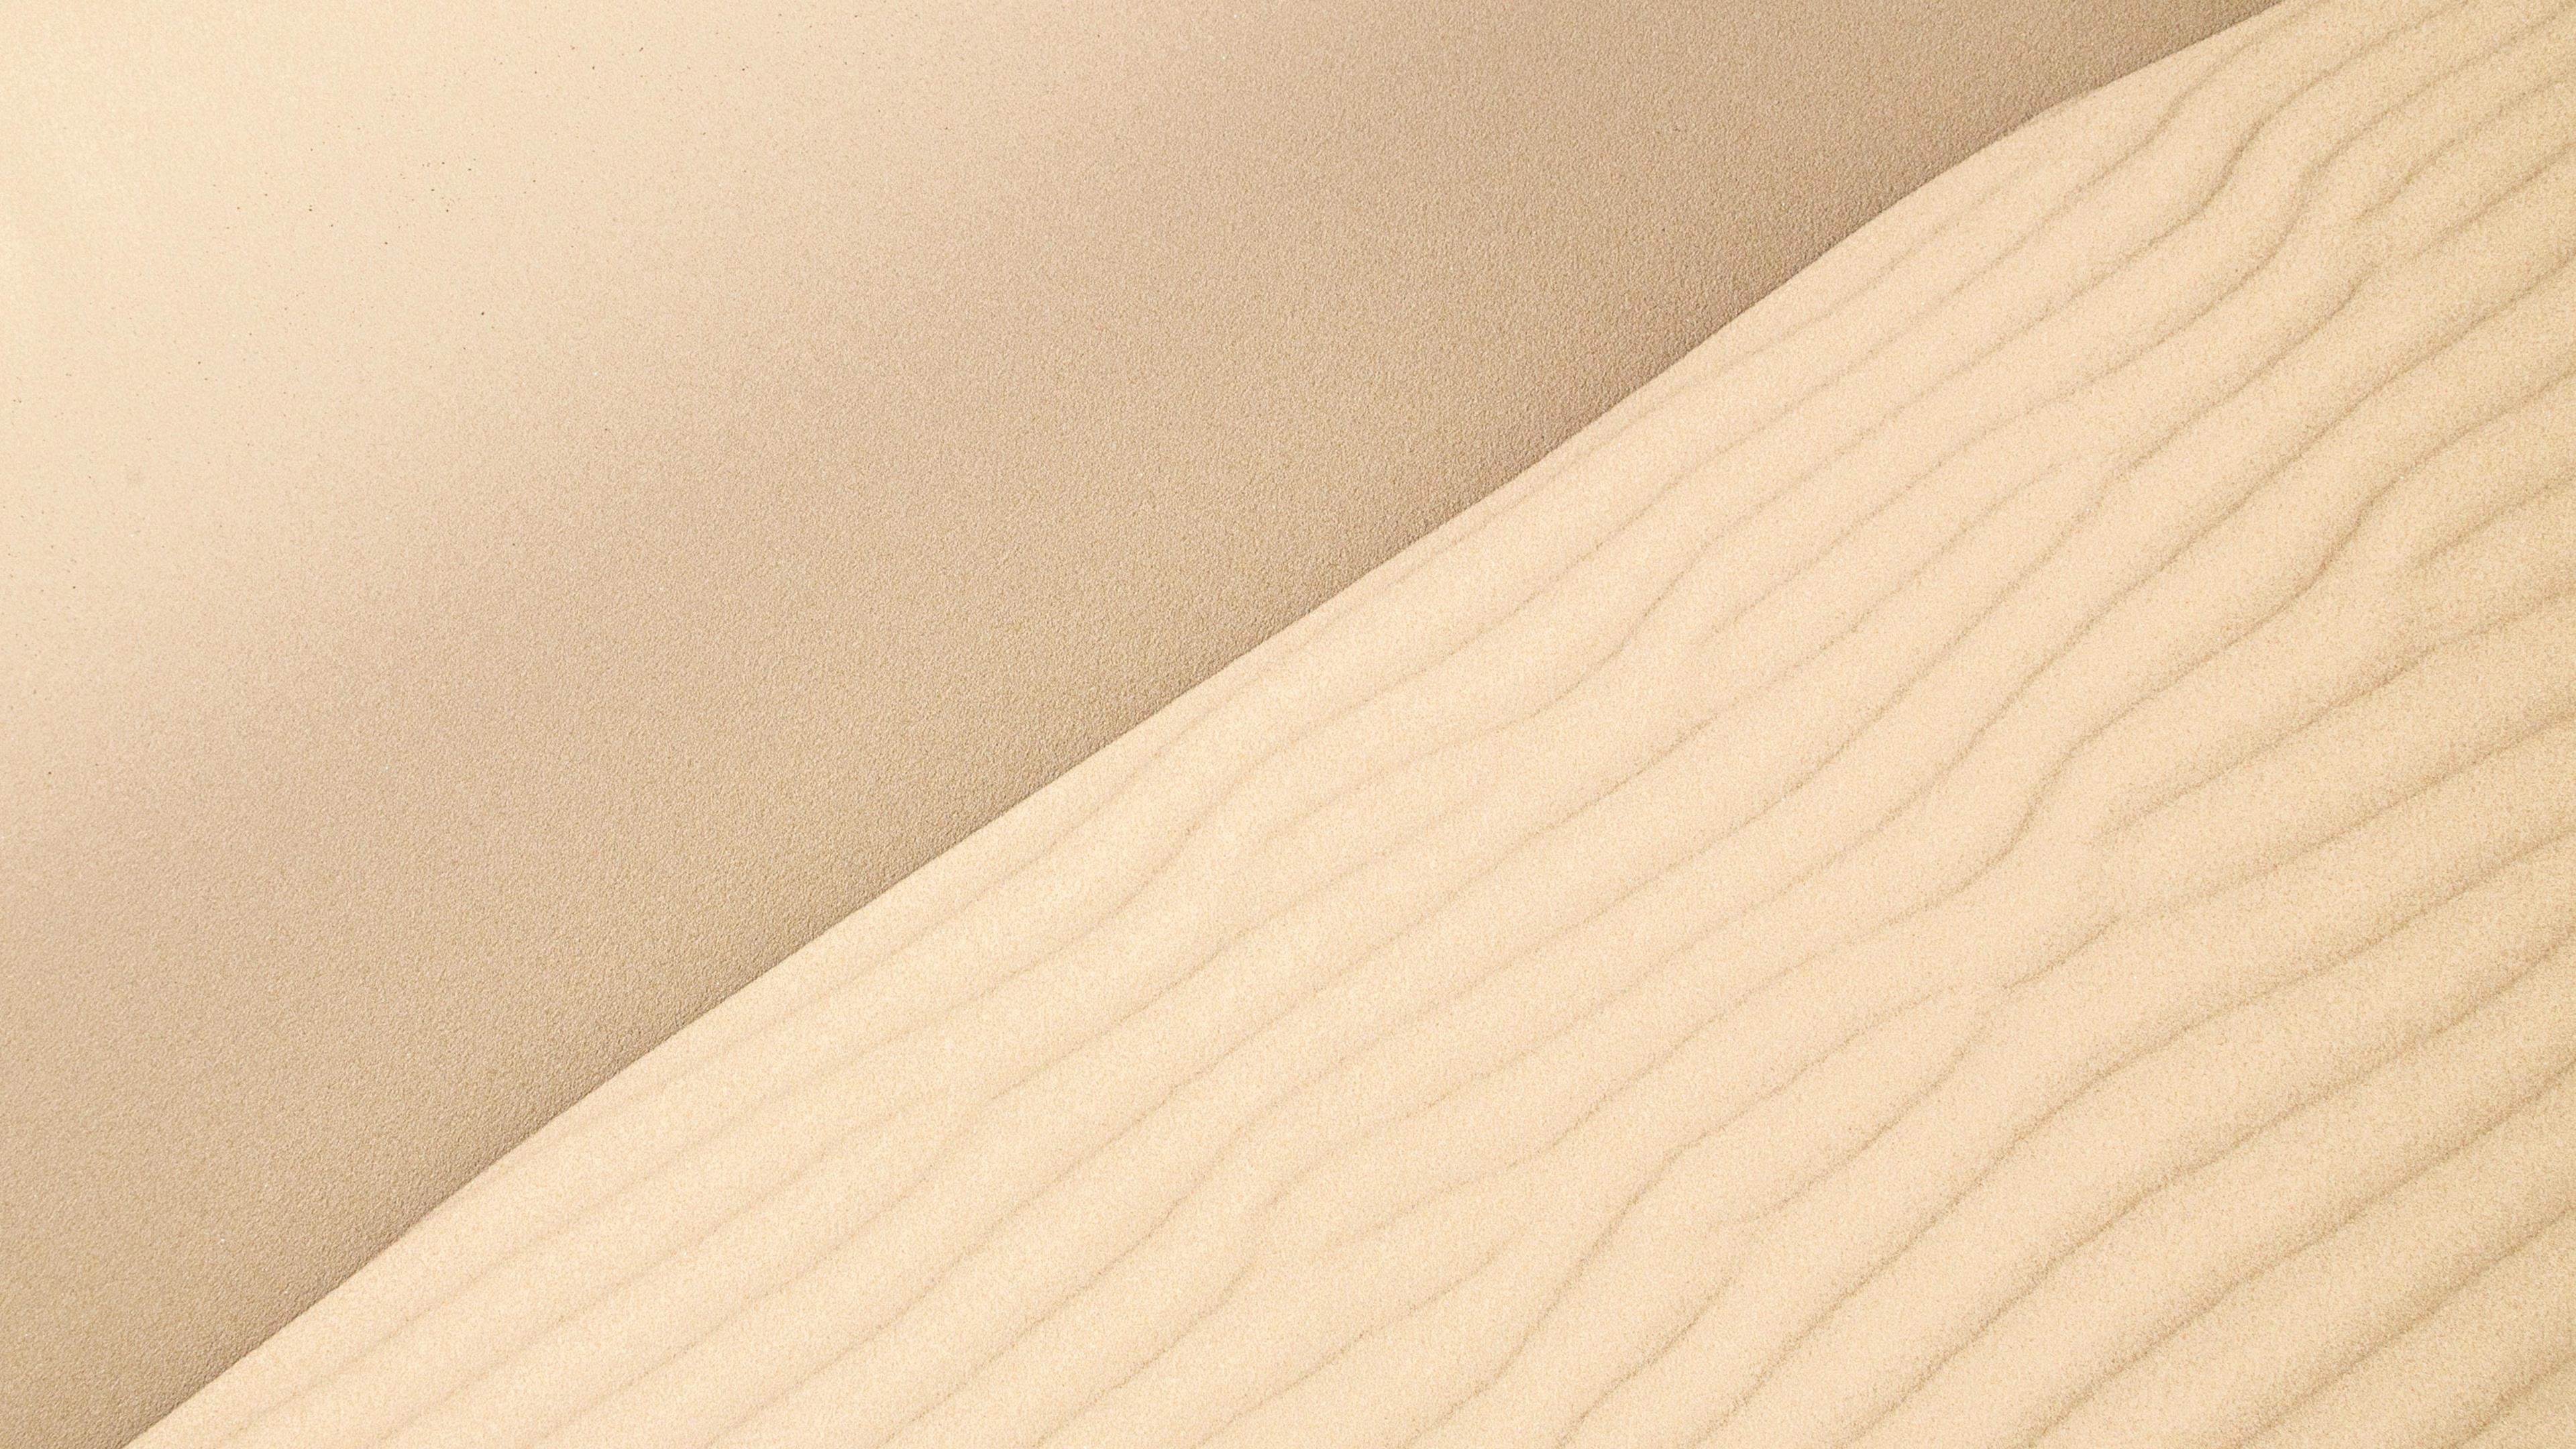 Beach Sand 4k Wallpapers Wallpaper 1630923 Hd Wallpaper